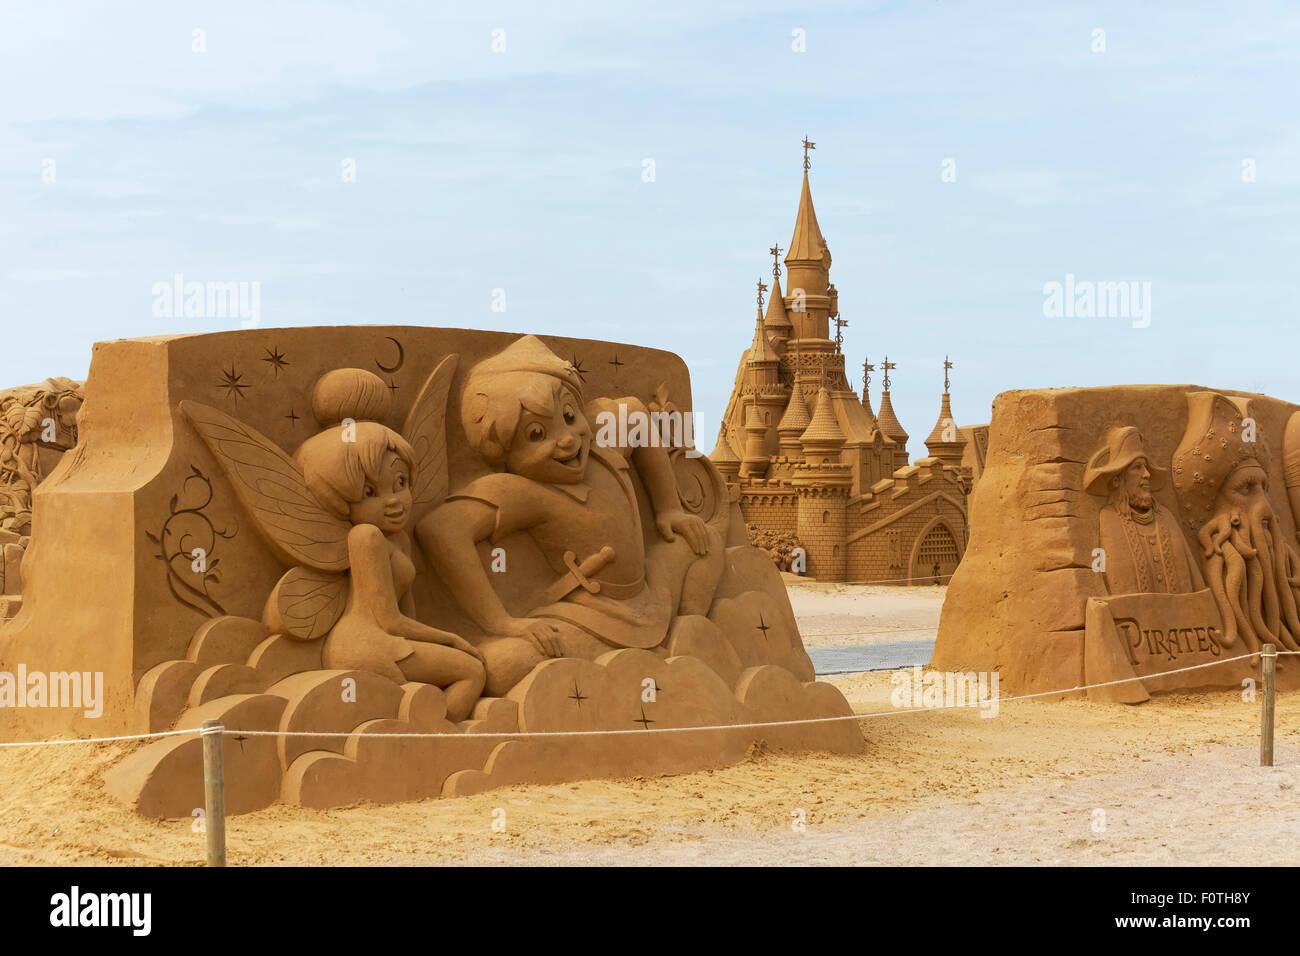 Peter pan e gli elfi walt disney cartoni animati e il castello